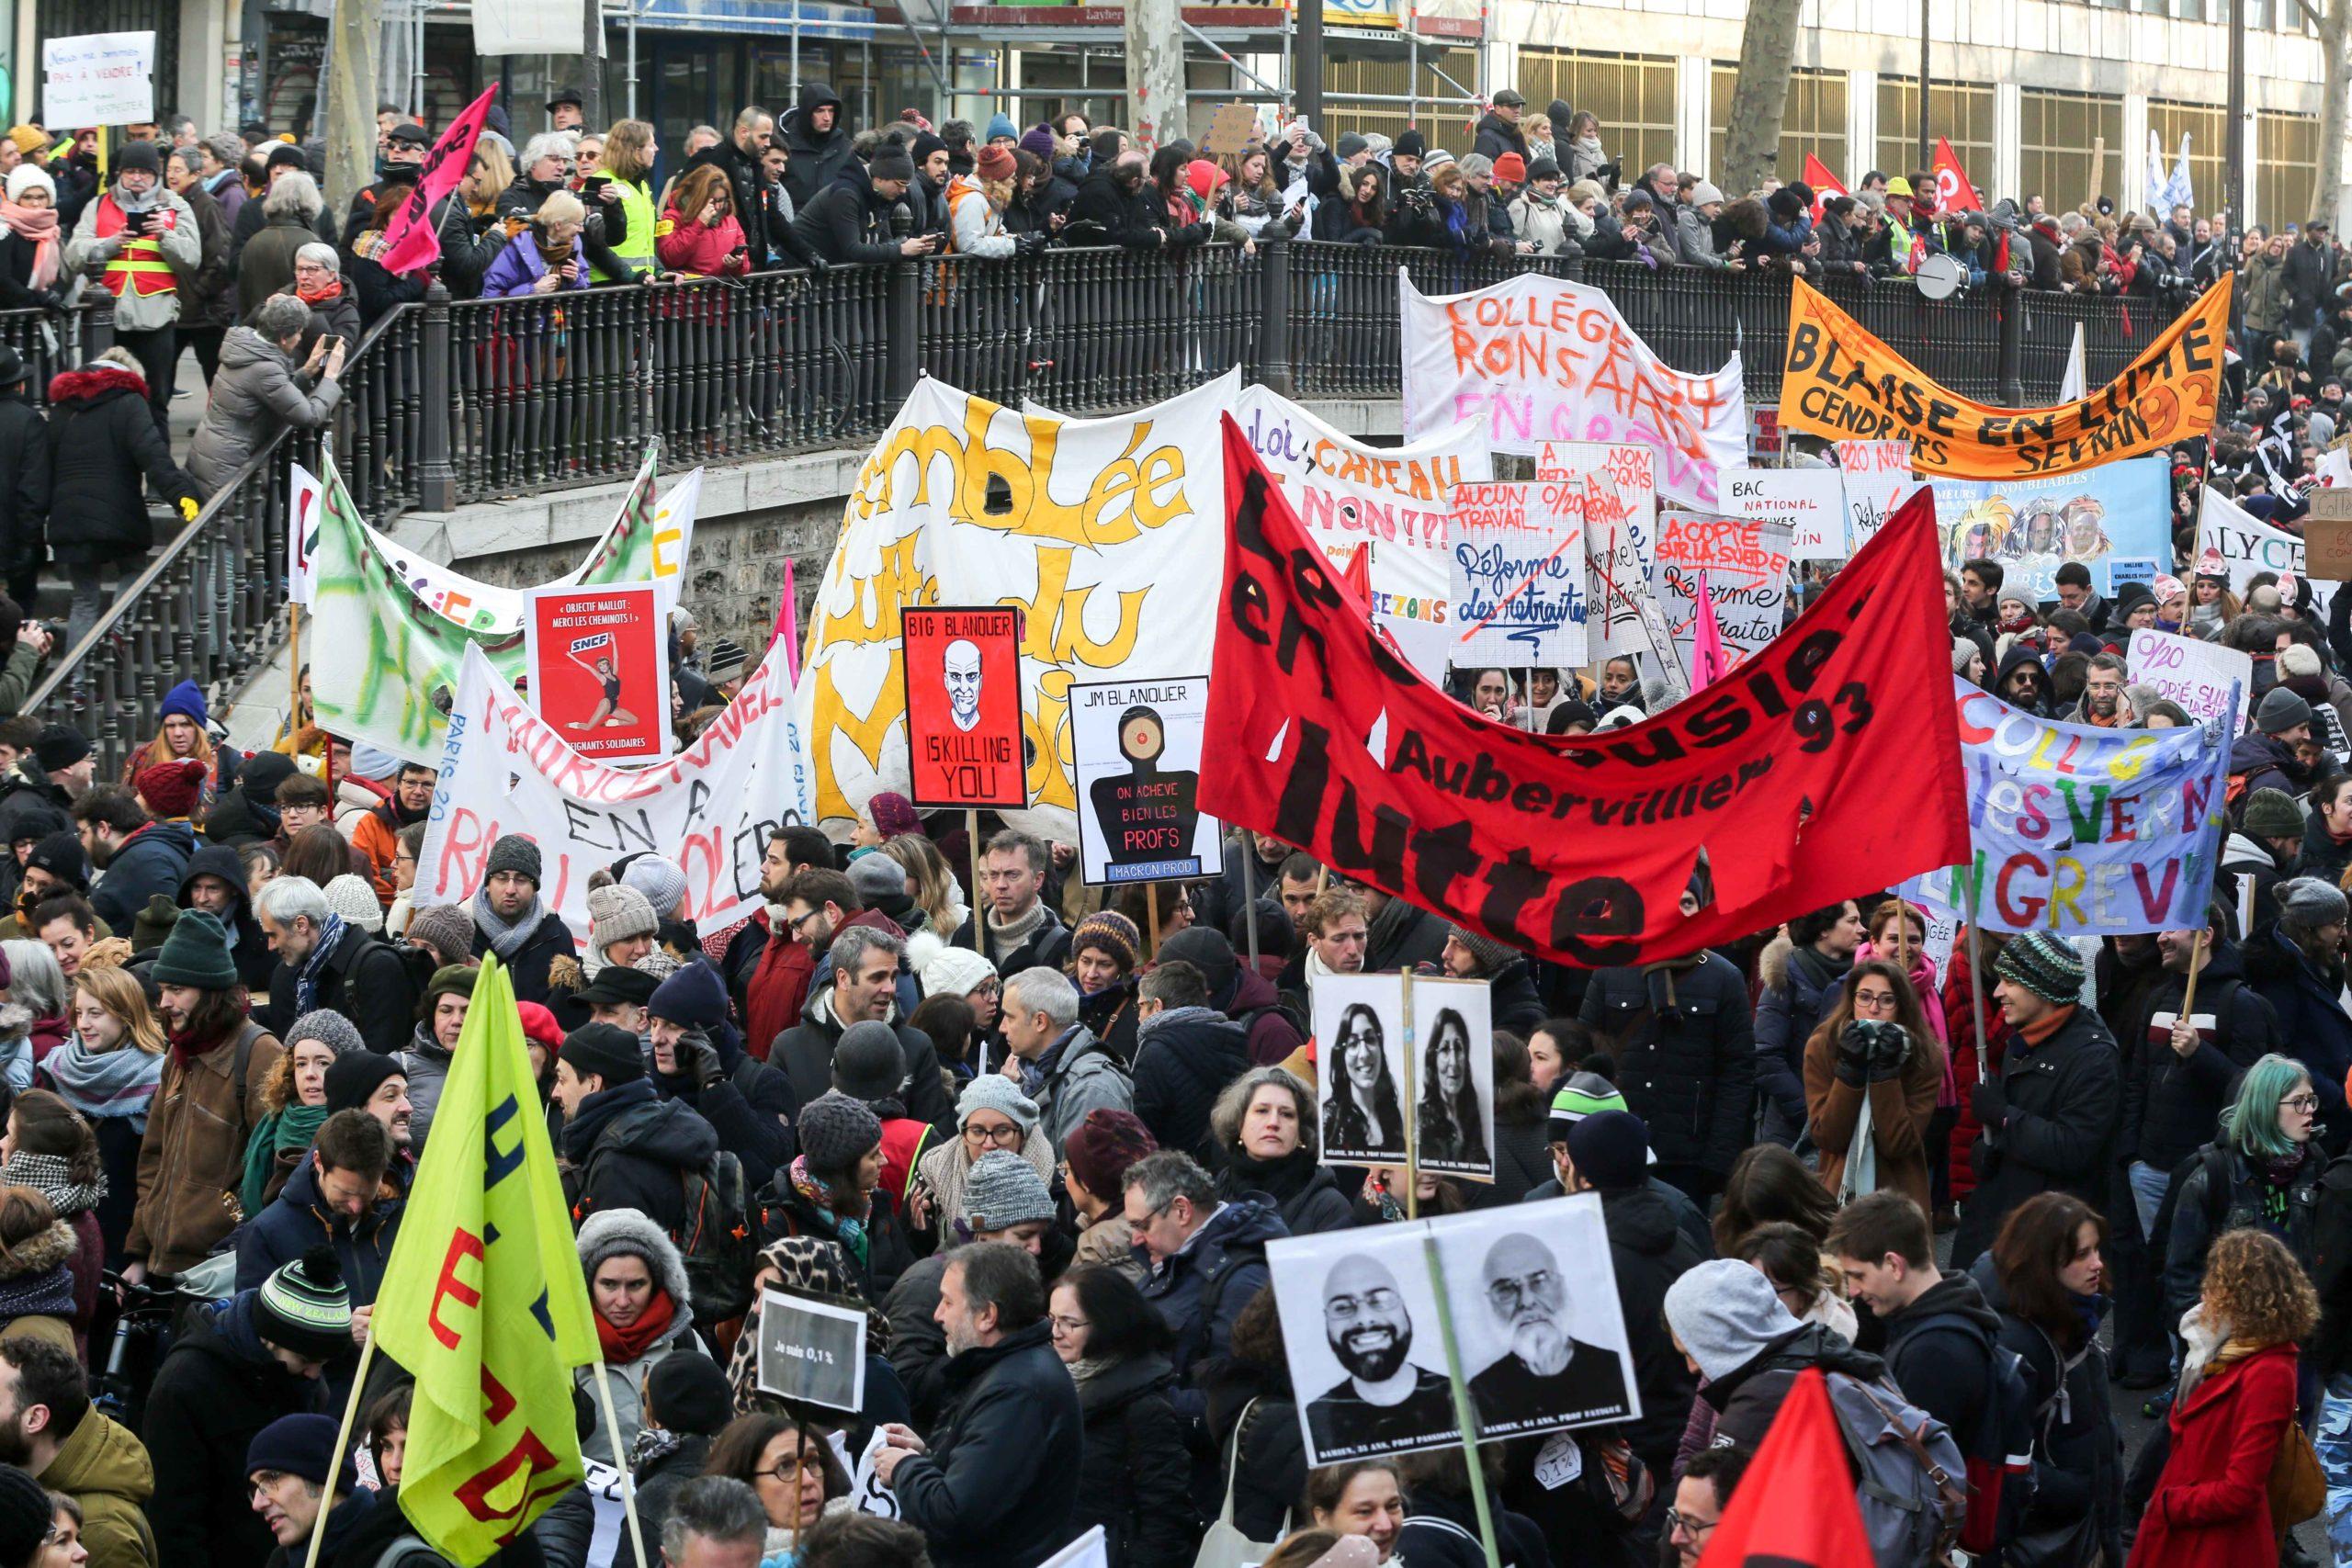 Des manifestants défilent dans une rue de Paris. © Michel Stoupak. Ven 24.01.2020, 12:49:29.